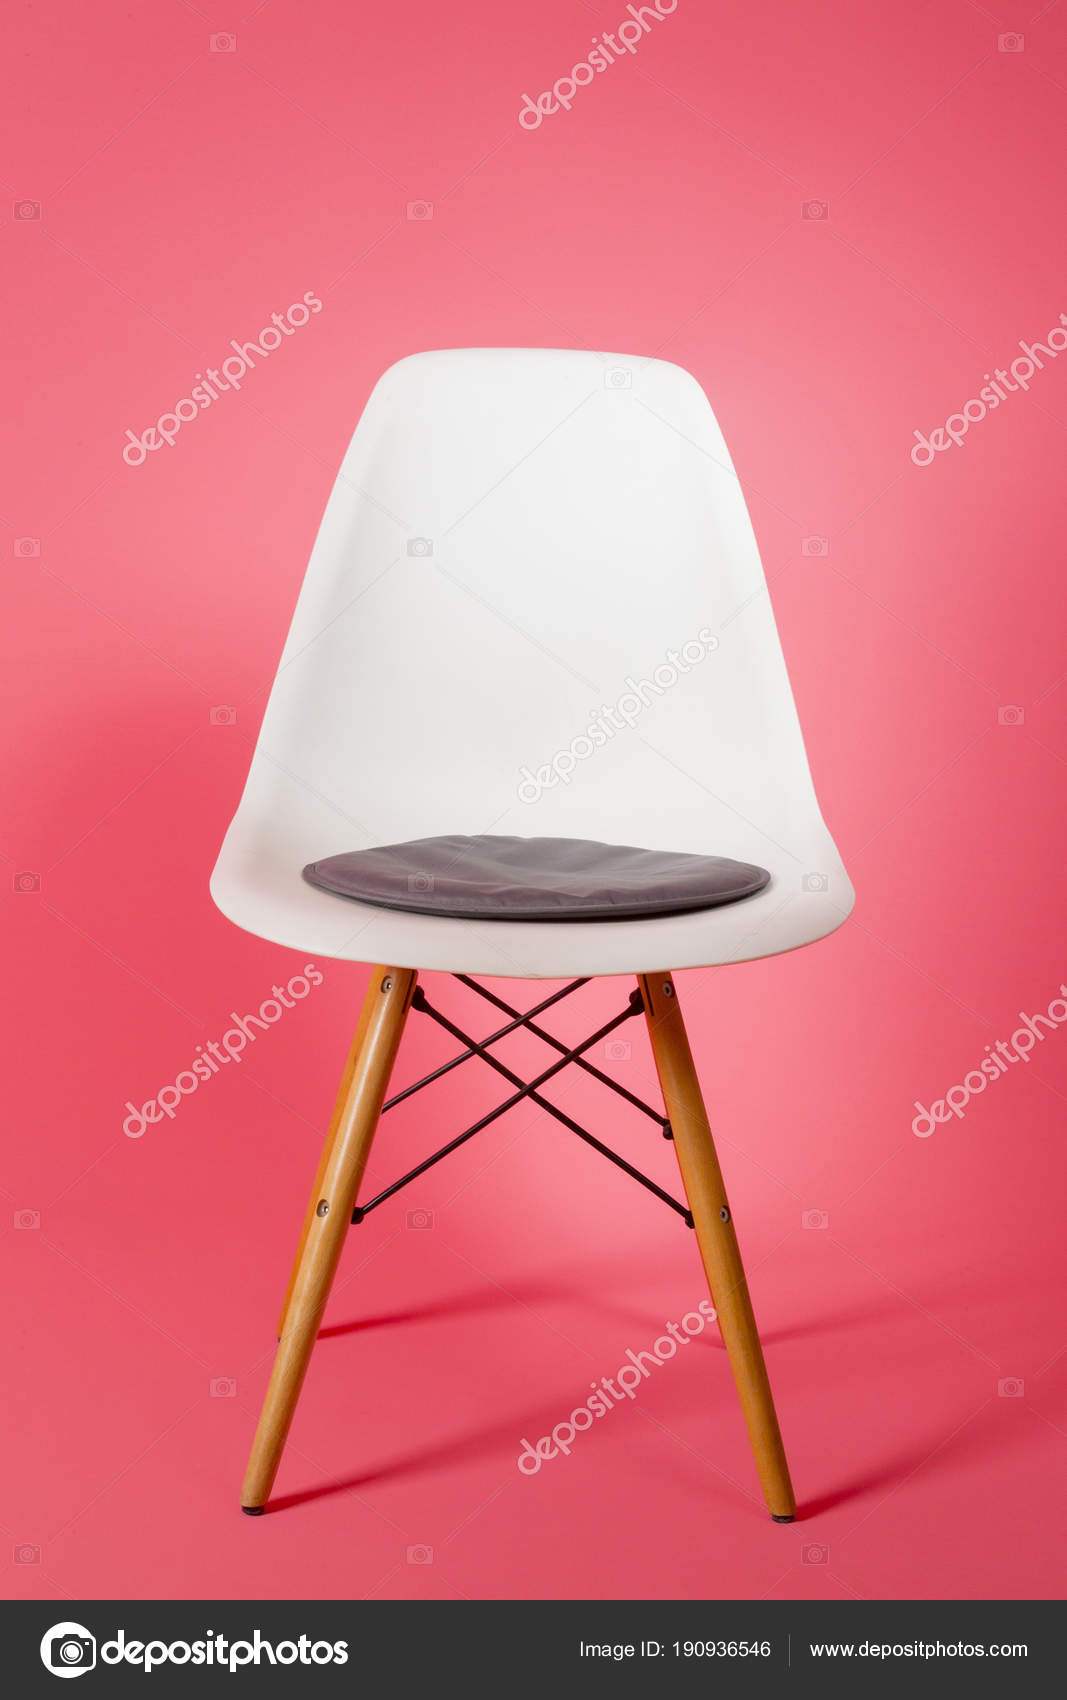 Sedie Di Plastica Bianche.Sedia Di Plastica Bianca Su Sfondo Rosa Foto Stock C Enginkorkmaz